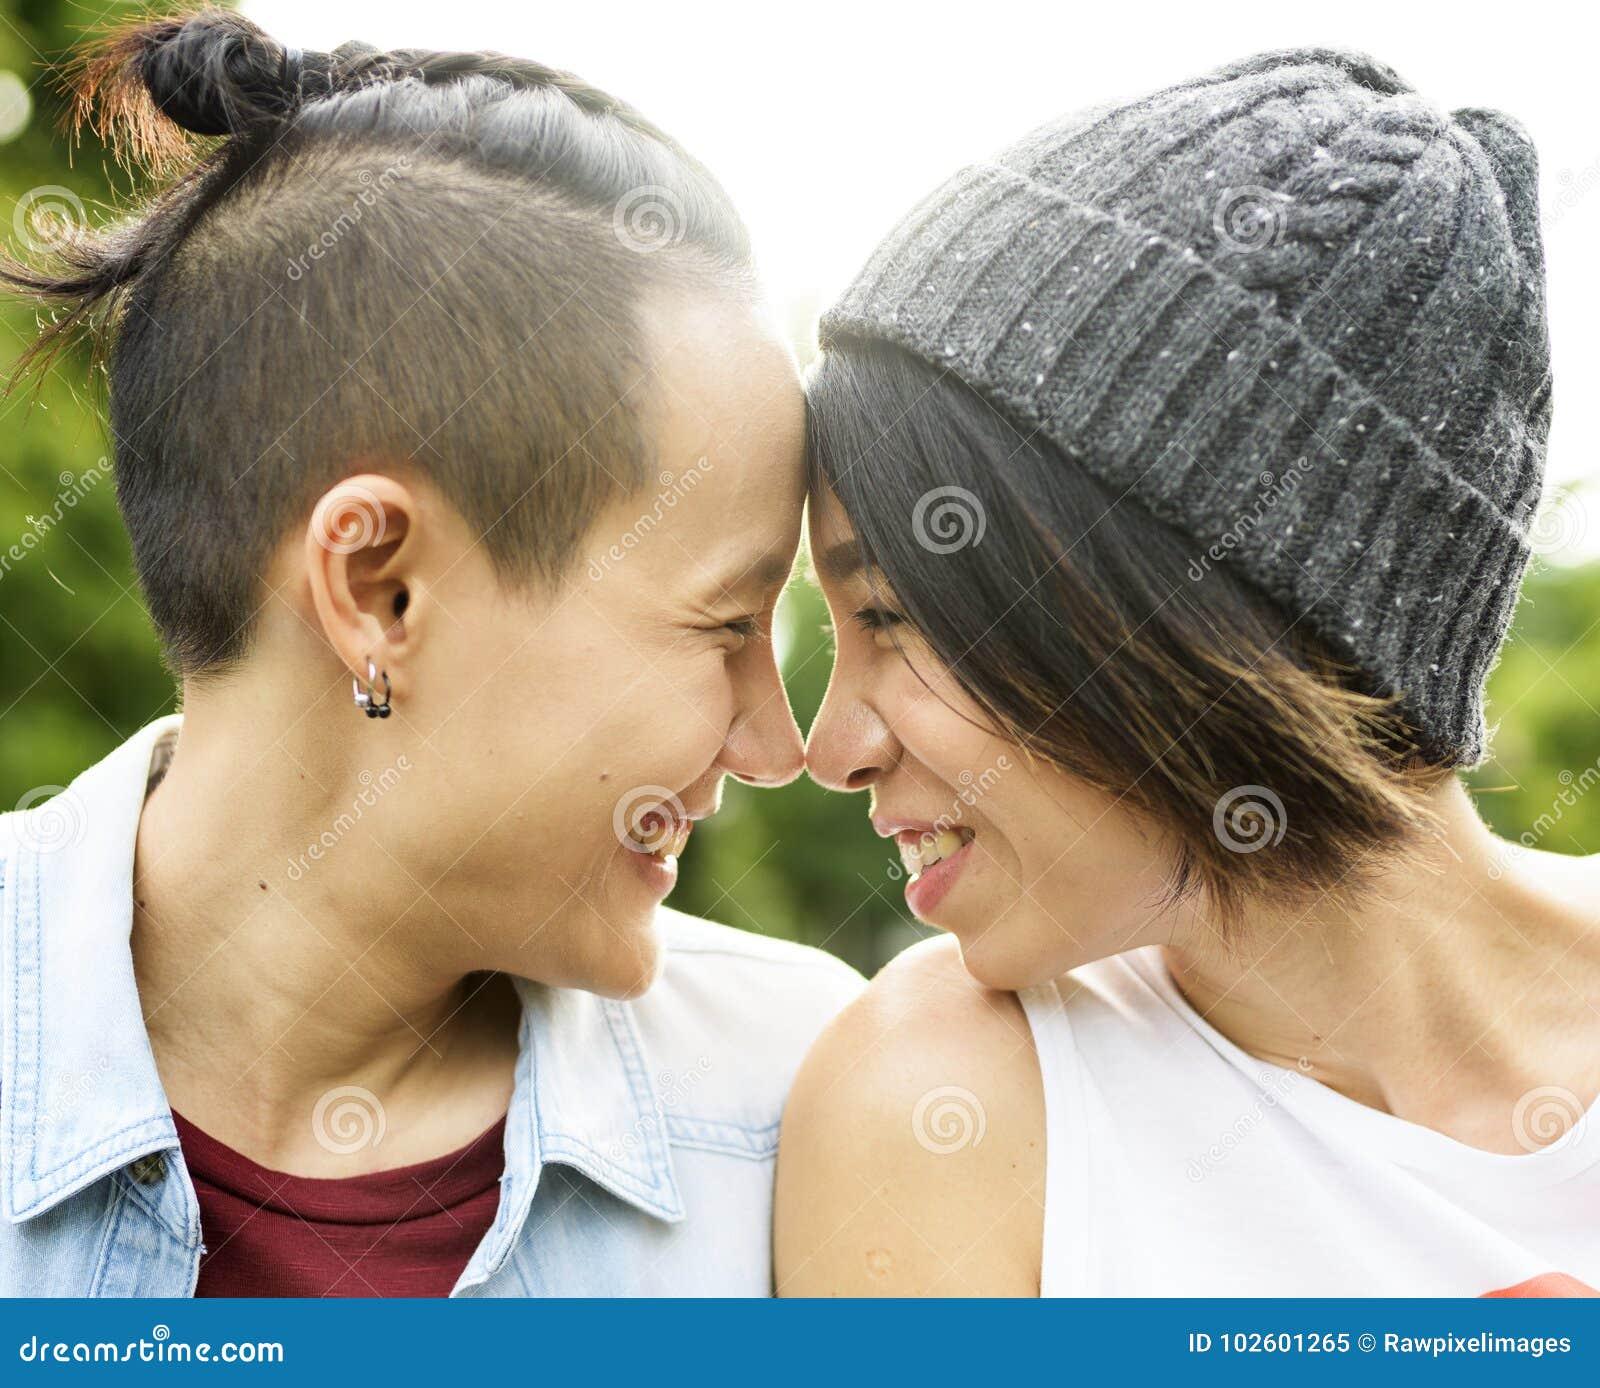 lesbiche asiatiche